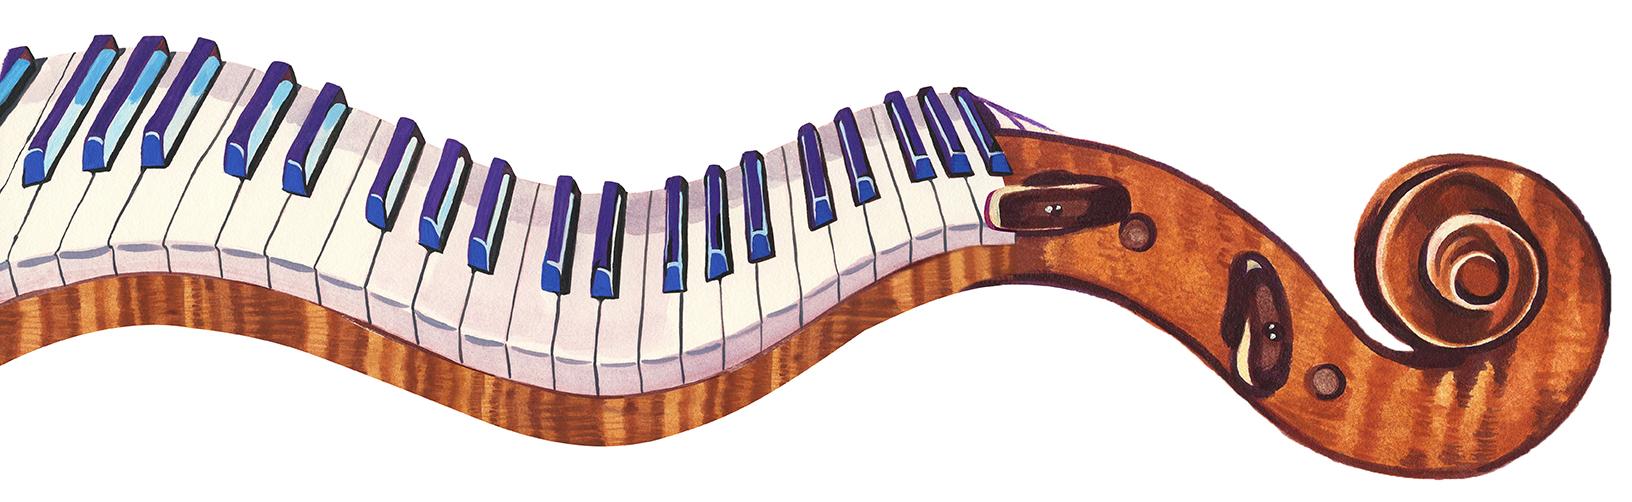 PianoViolinCollaboration72dpi.jpg